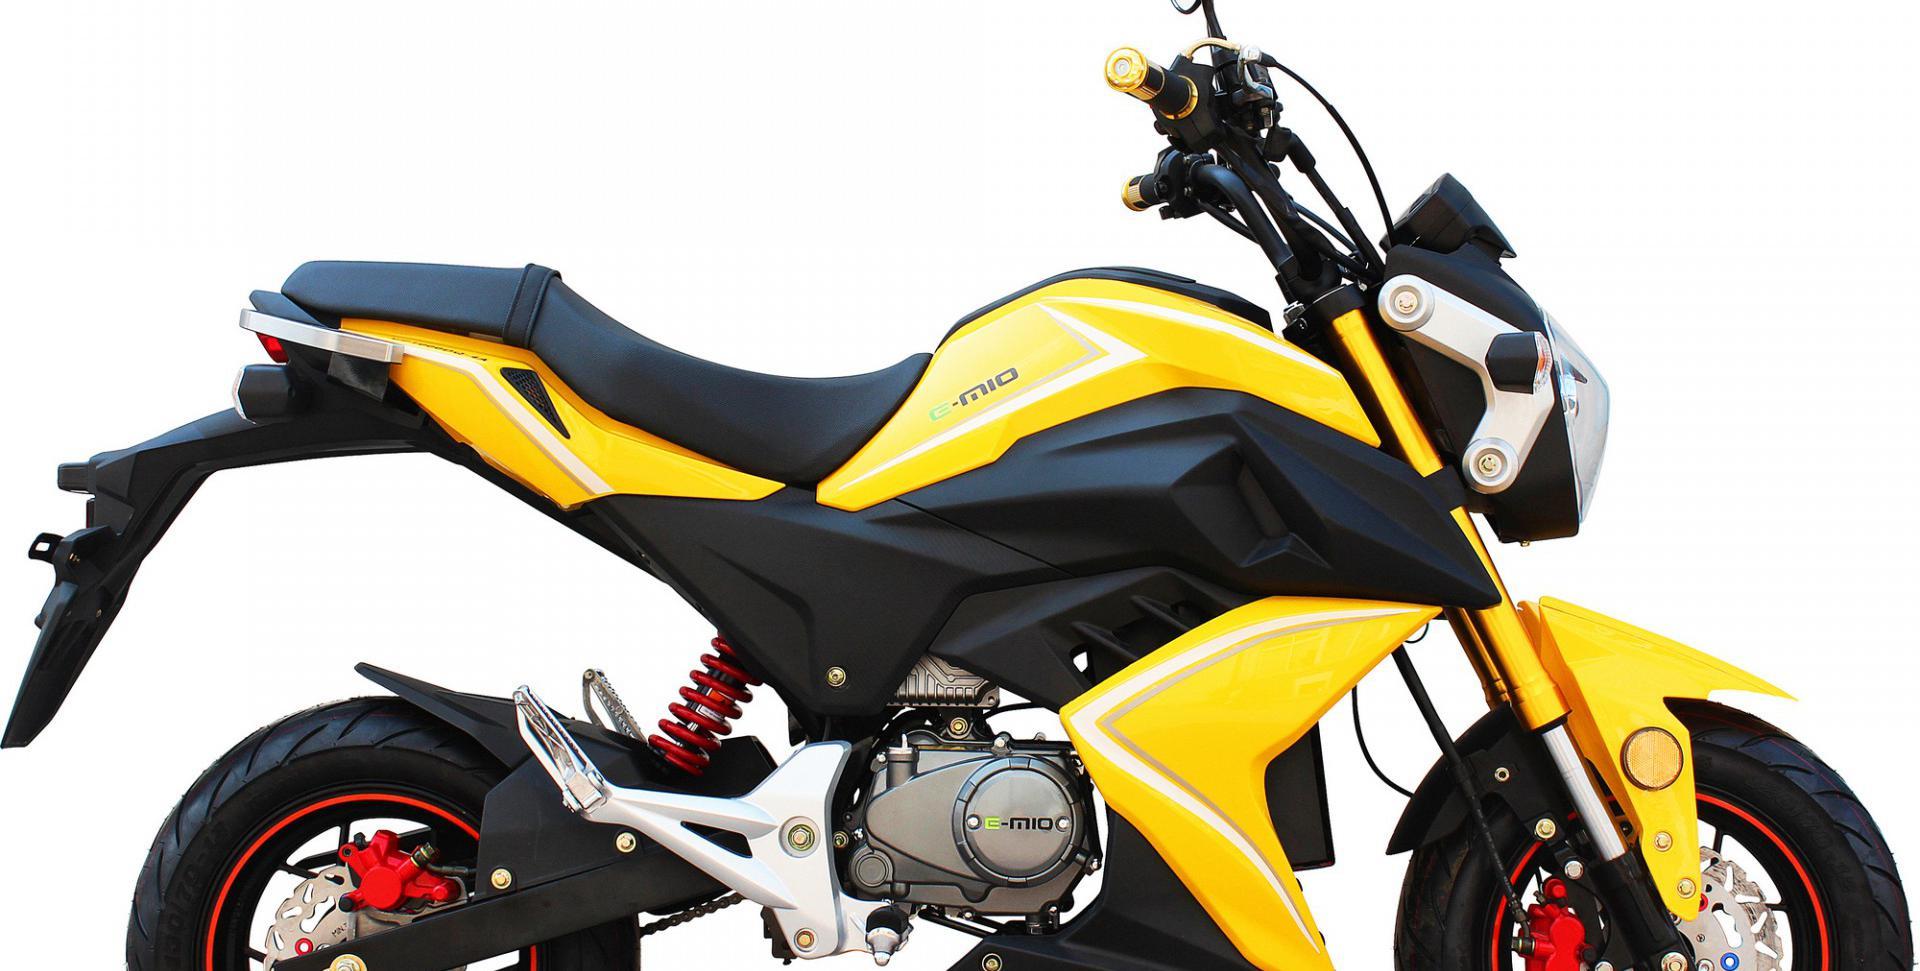 E-Mio-Vento-yellow-foto01.jpg